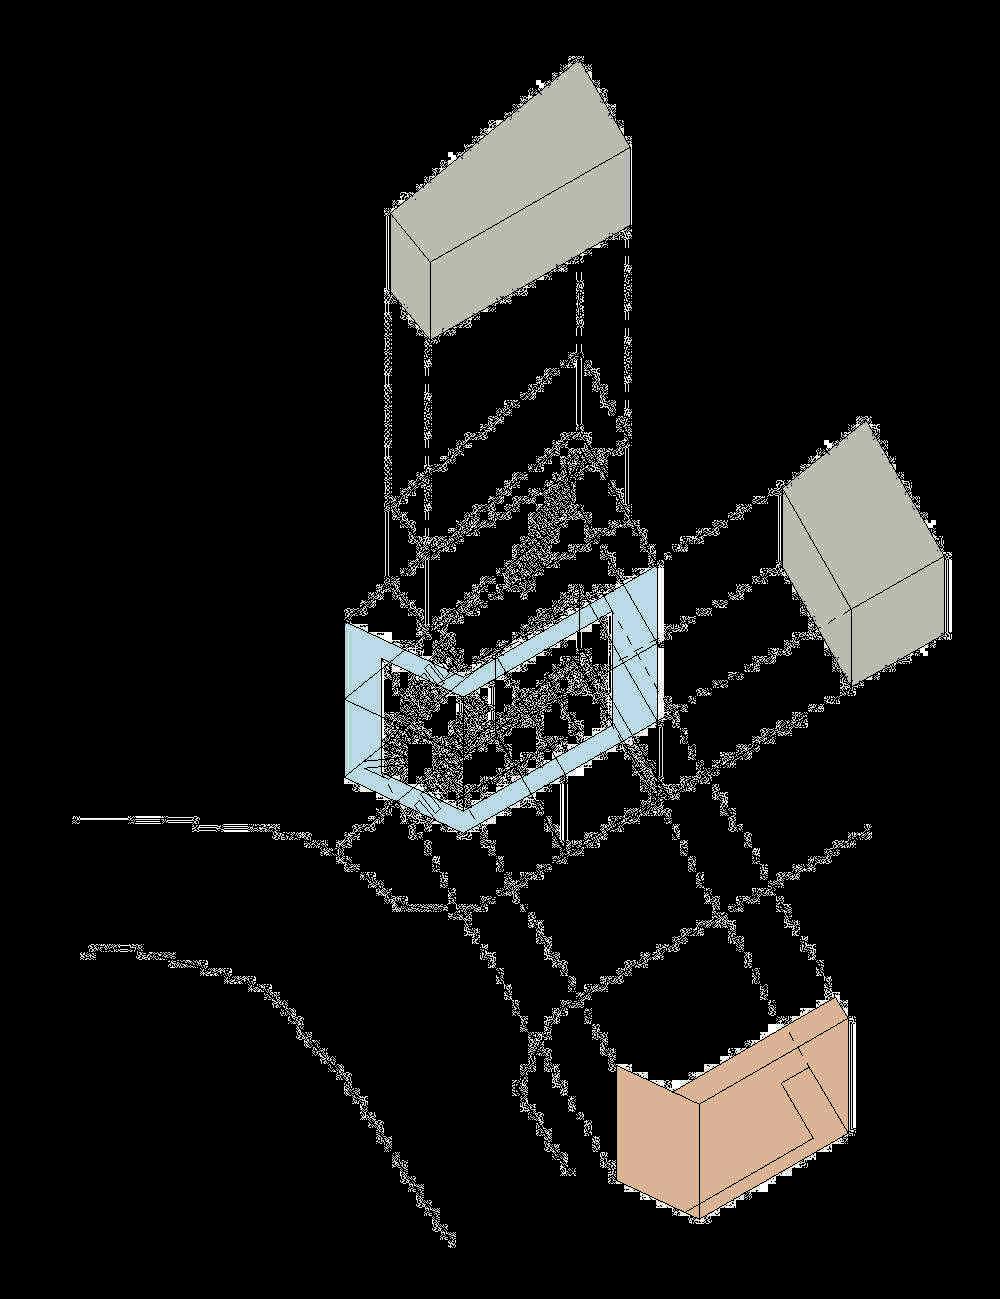 axonometri rumah-desain-bangunan-rumah-tinggal-minimalis-lahan-sempit-yoritaka-hayashi-ruang-dan-rumahku-004